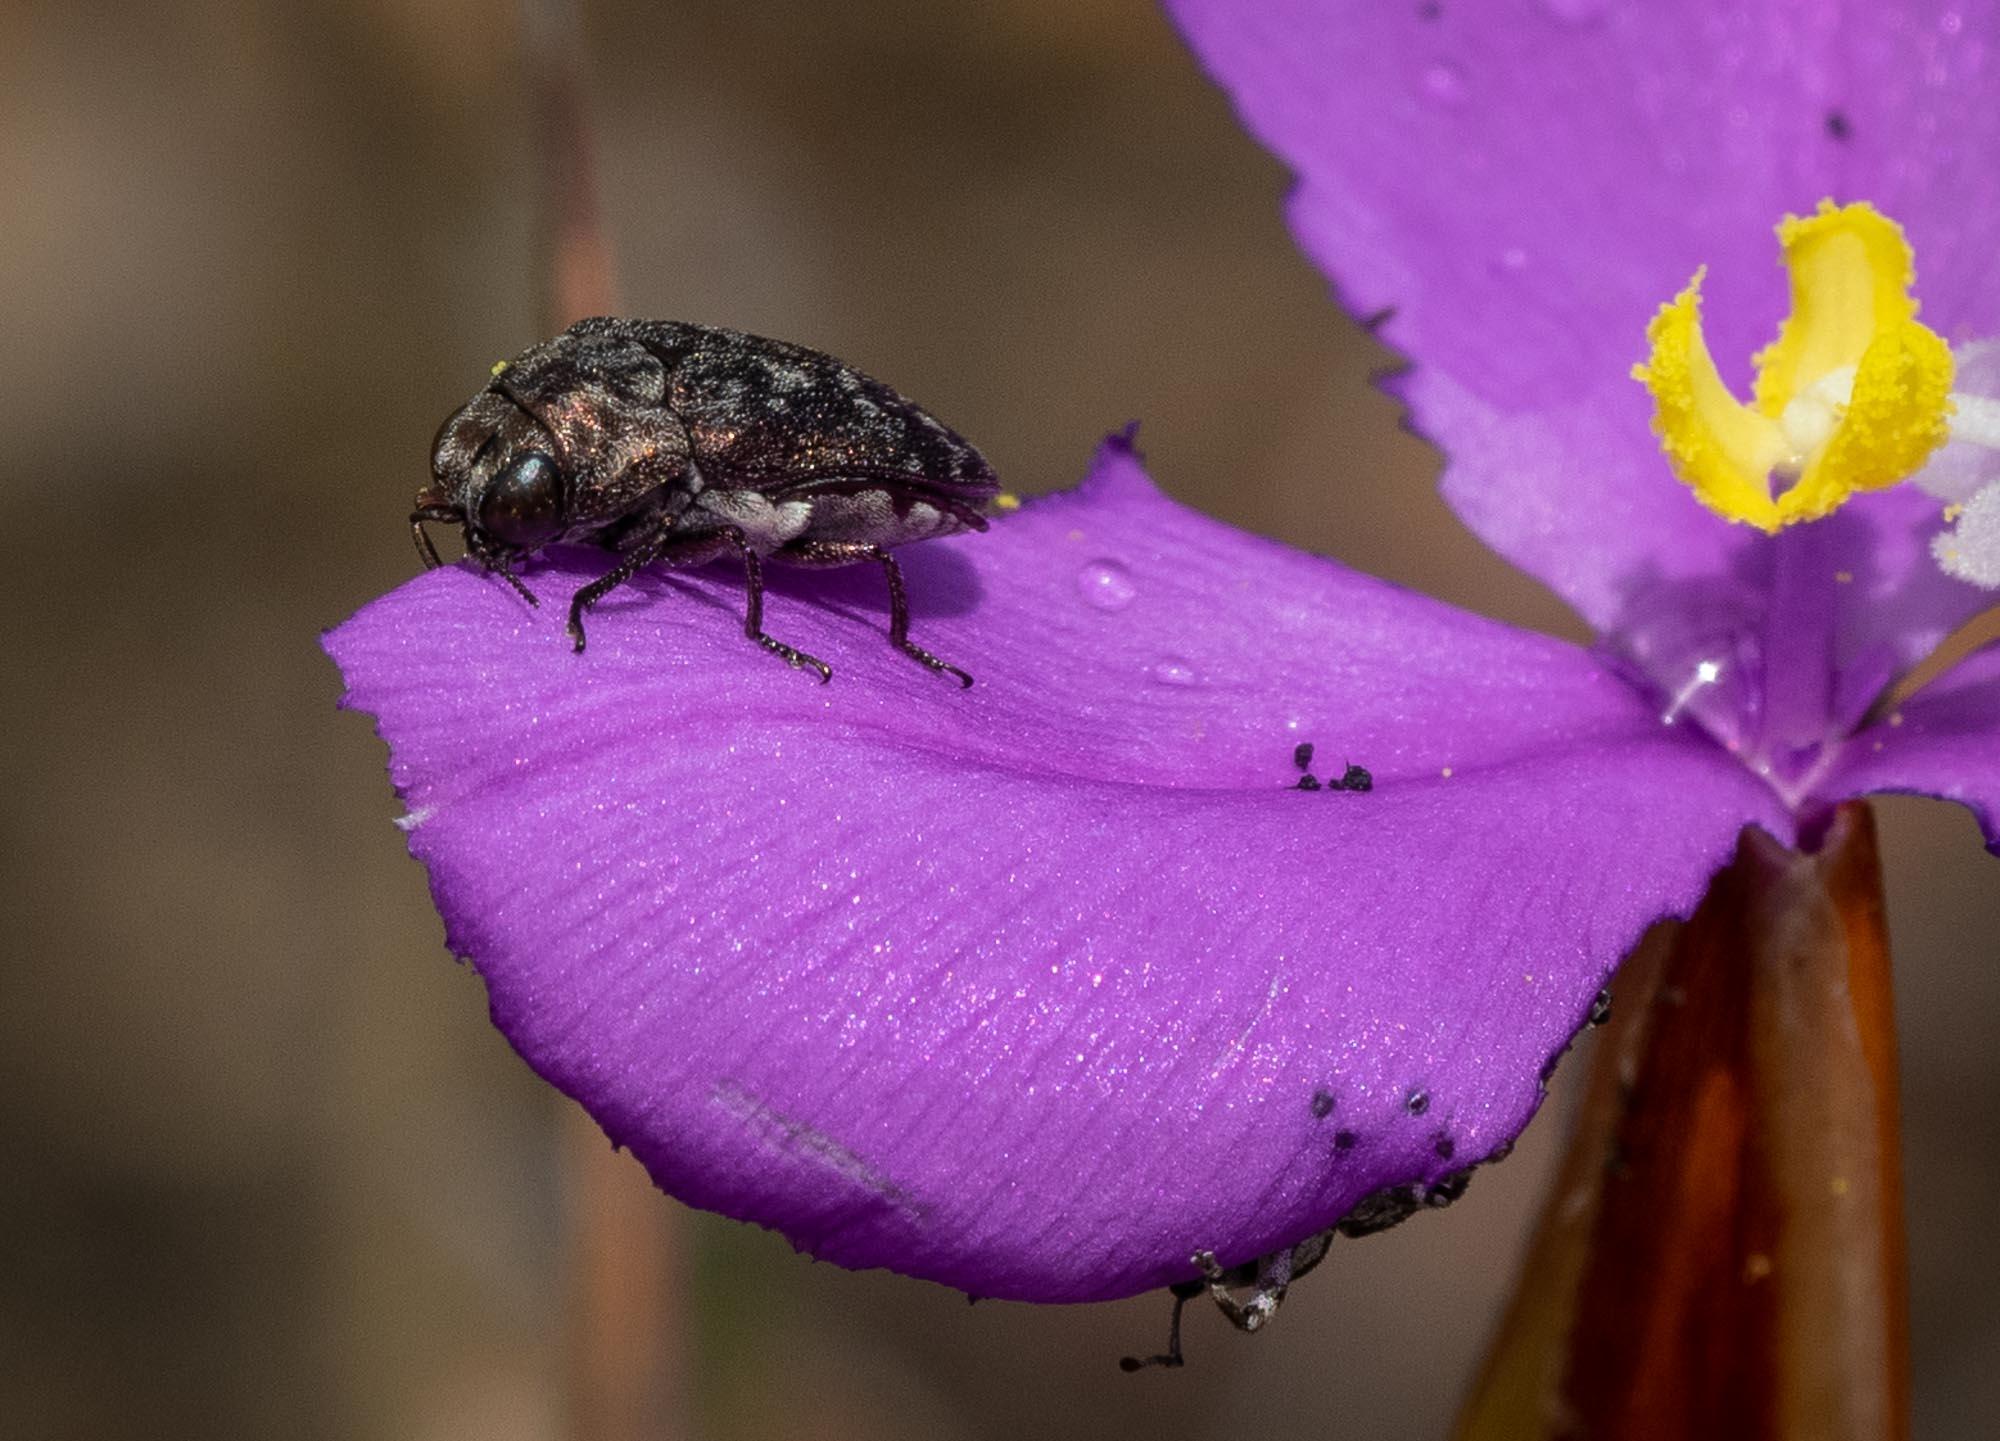 more flower-chomping beetles